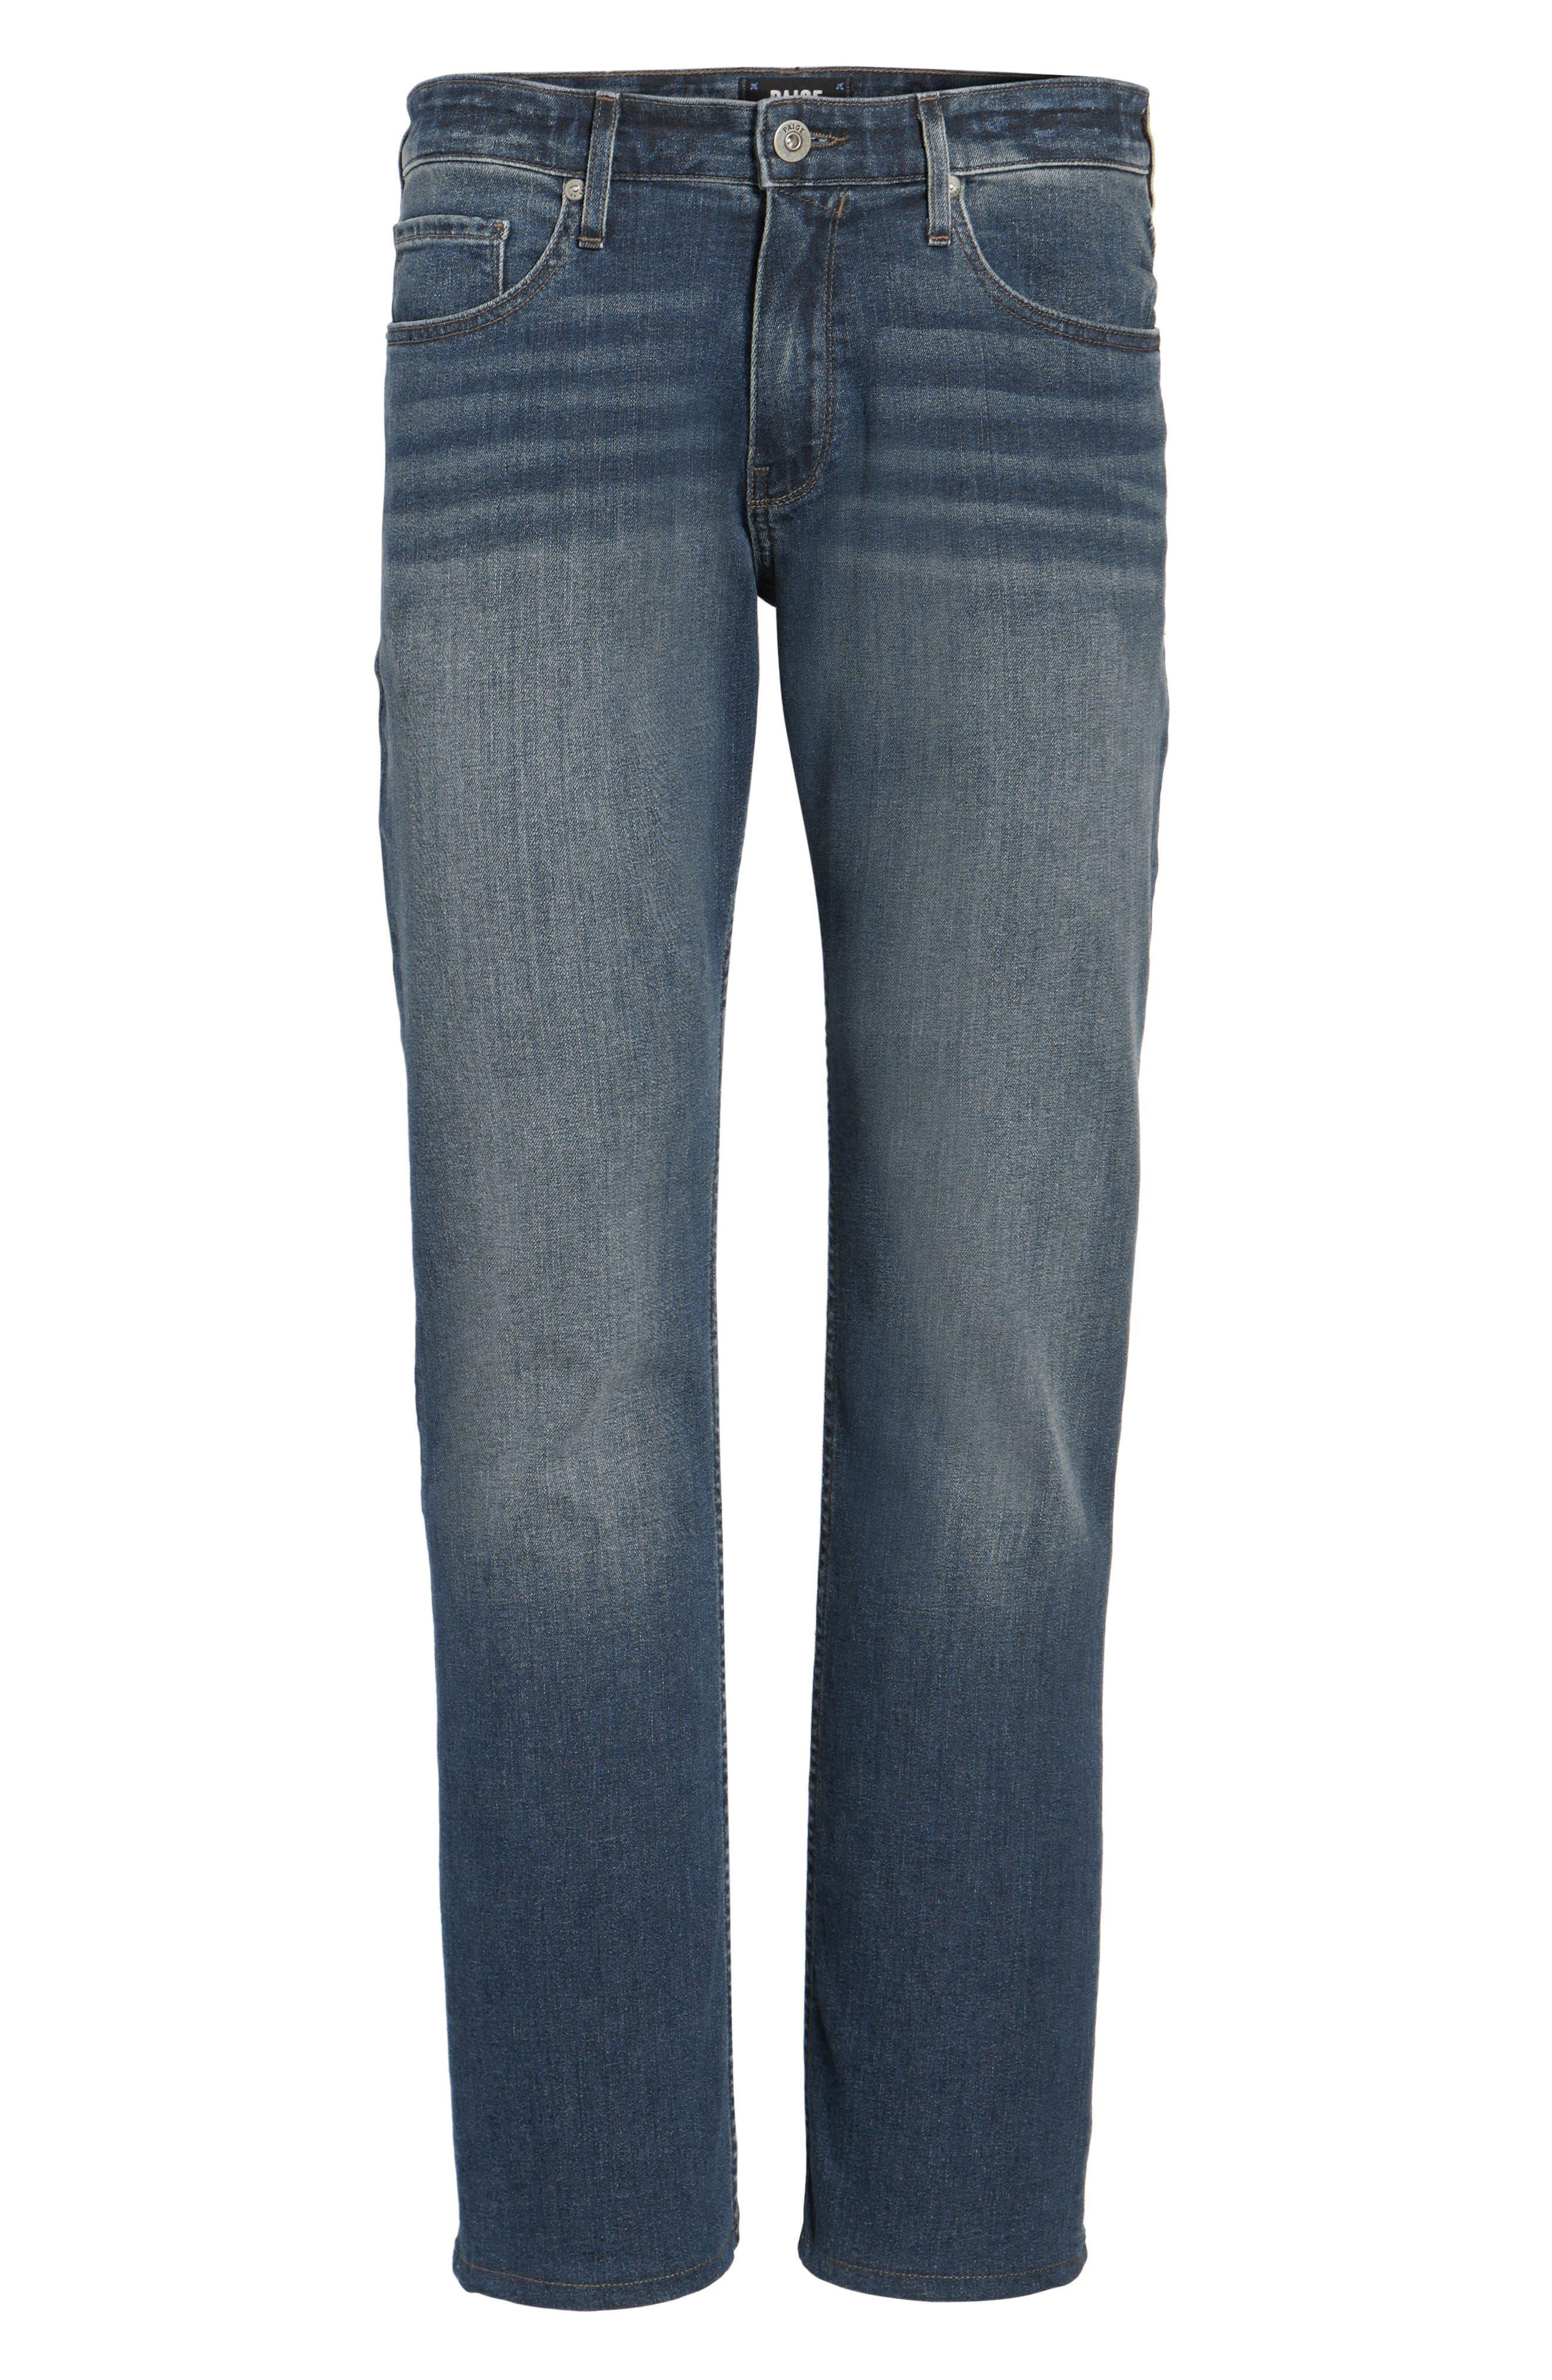 Normandie Straight Leg Jeans,                             Alternate thumbnail 6, color,                             Daniels